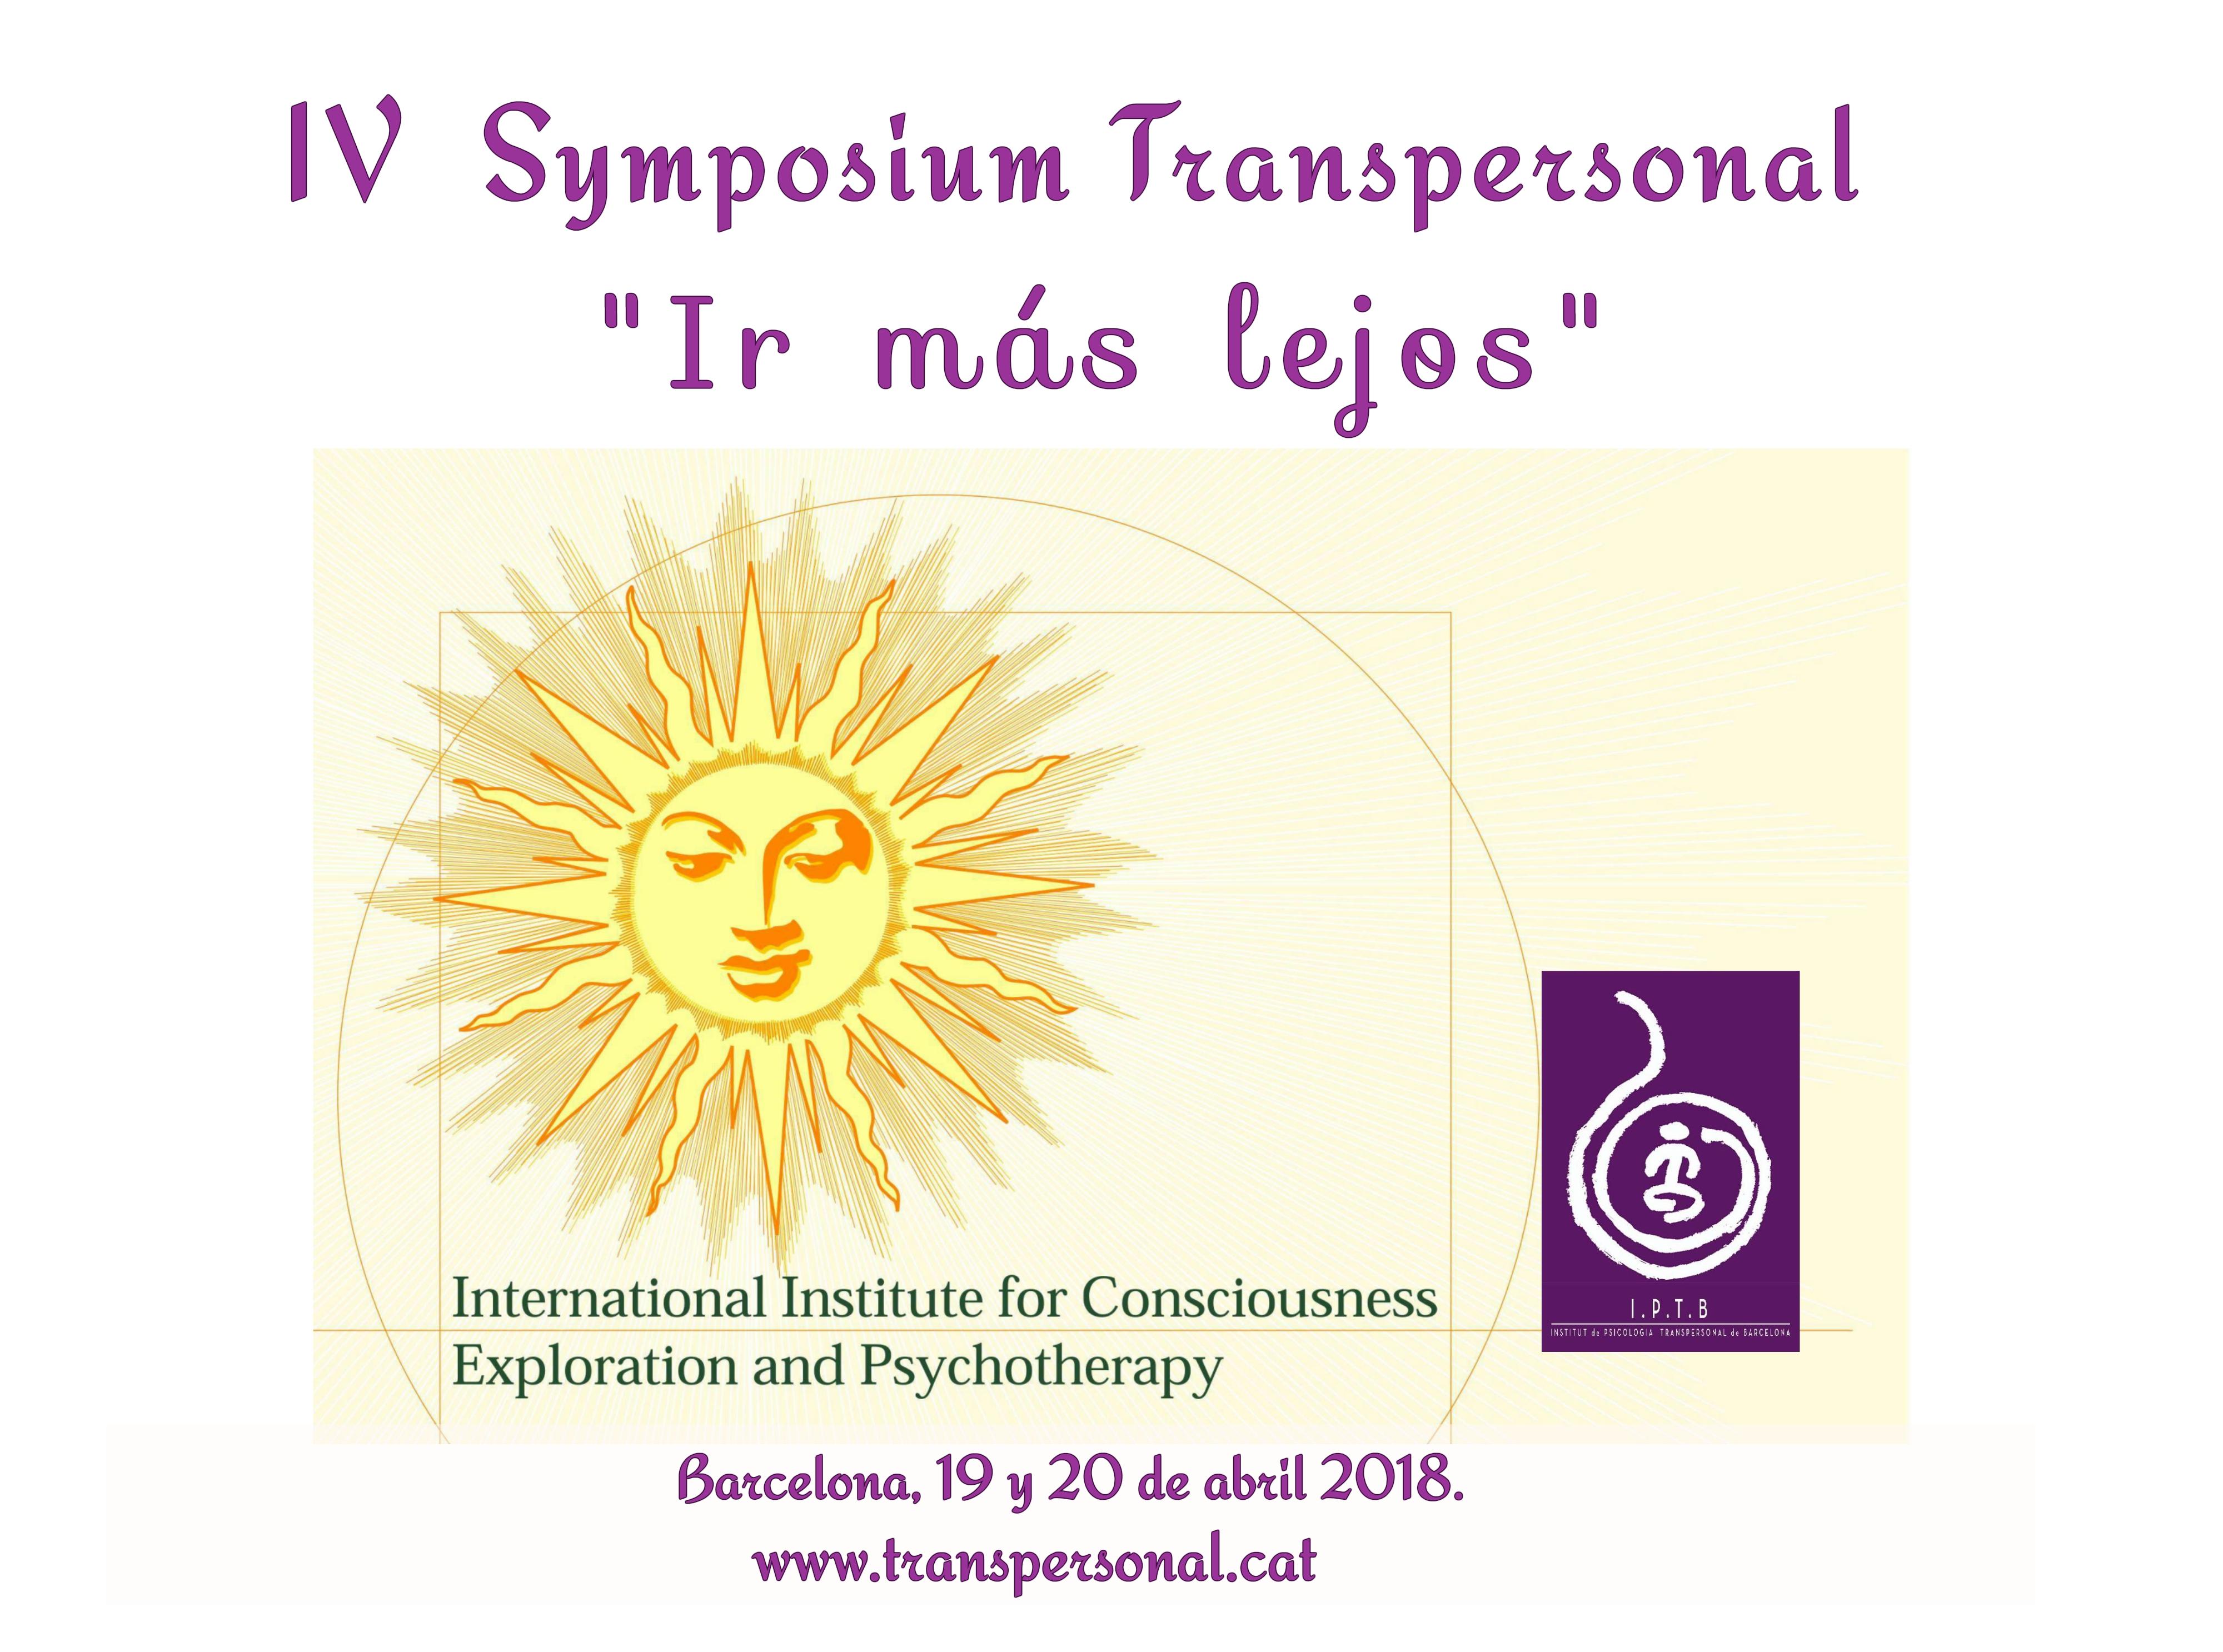 IV symposium